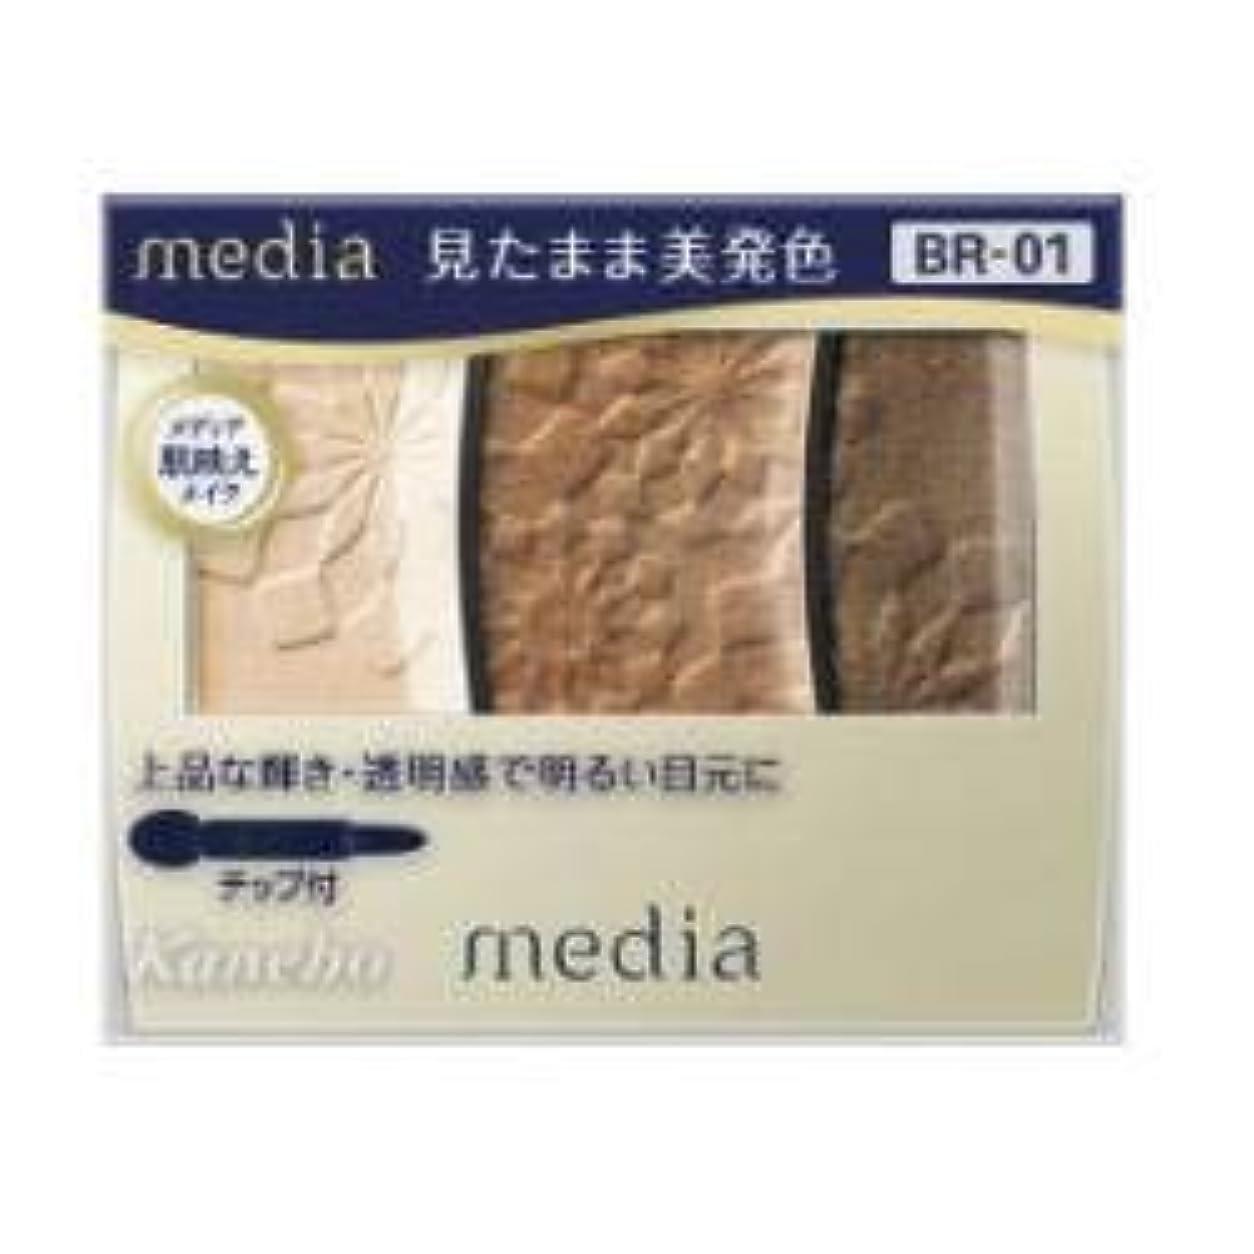 帽子食品湿原【カネボウ】 メディア グラデカラーアイシャドウ BR-01